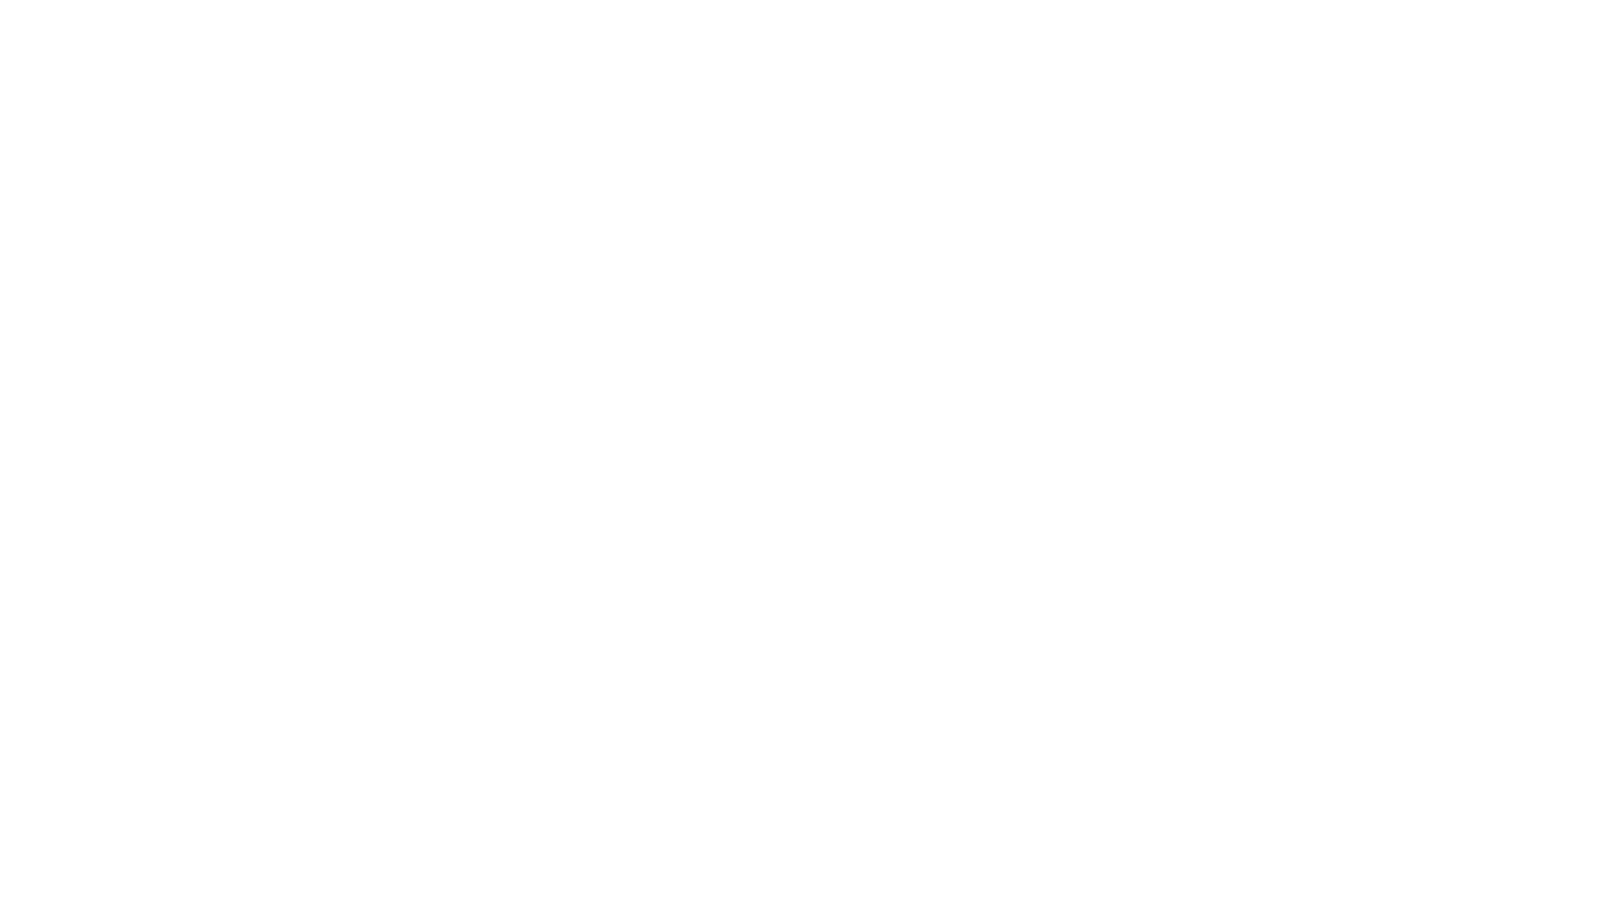 A Warner surpreendeu ao anunciar que seus filmes de 2021 estrearão no seu serviço de streaming, a HBO Max. Saiba mais neste vídeo curto com as novidades. Aproveite para seguir o Tio Du nas redes sociais, é só procurar por @DicasDoTioDu no Facebook, Instagram, Twitter, Snapchat, Tumblr e na esquina não, pois é pra ficar em casa 😉 O Tio Du também está no site www.DicasDoTioDu.com